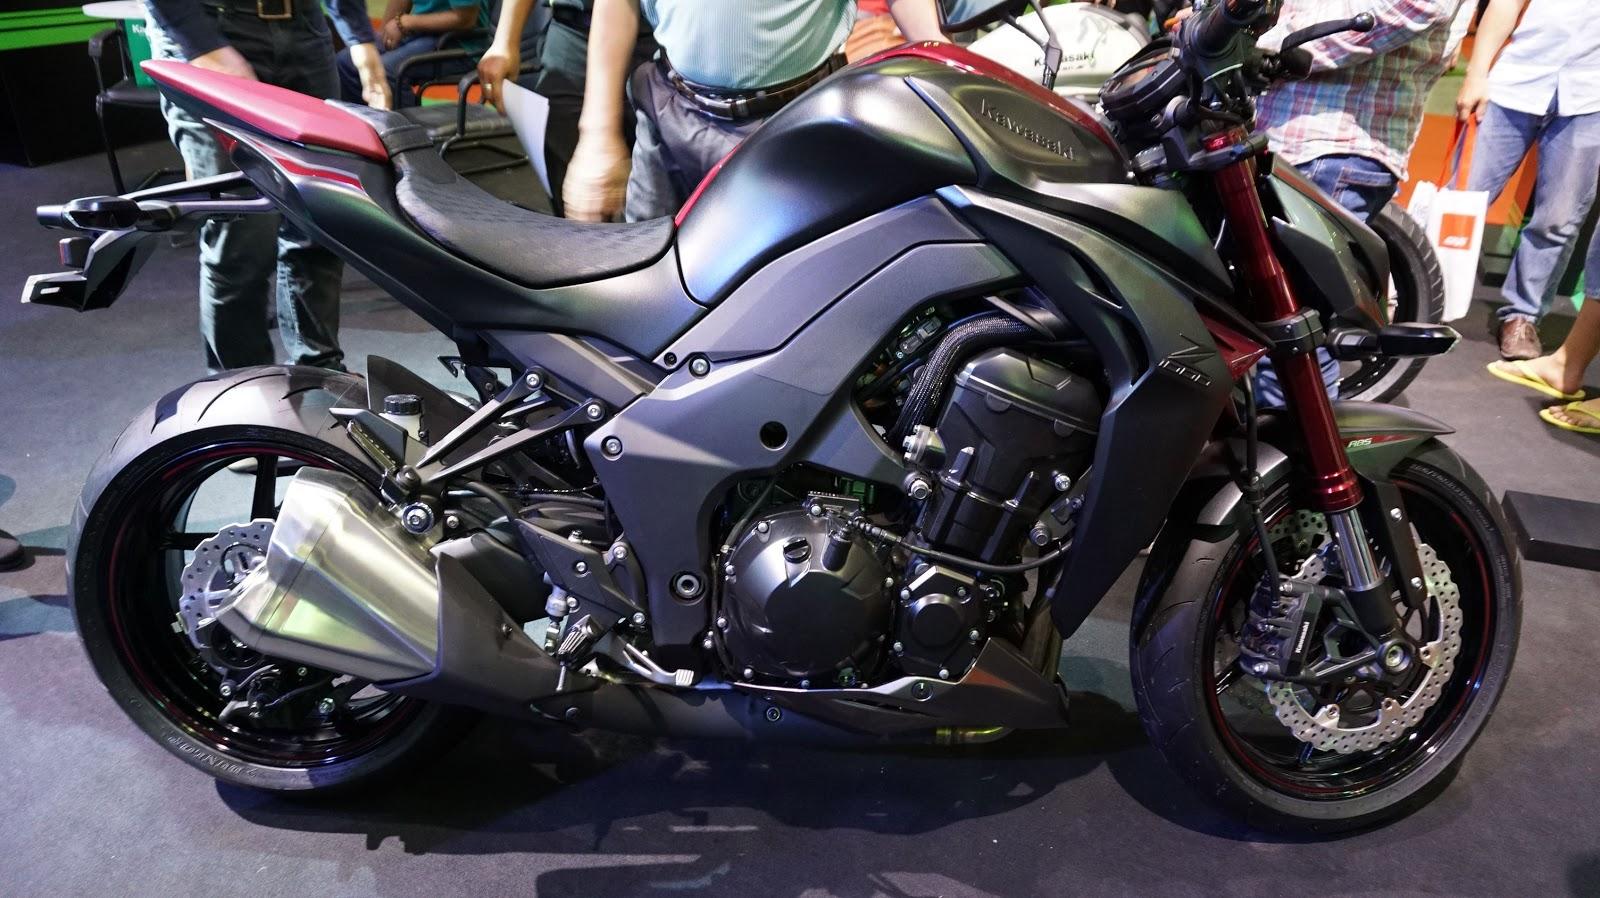 Tia chớp đường phố Kawasaki Z1000 ABS đã chính thức xuất hiện tại Việt Nam